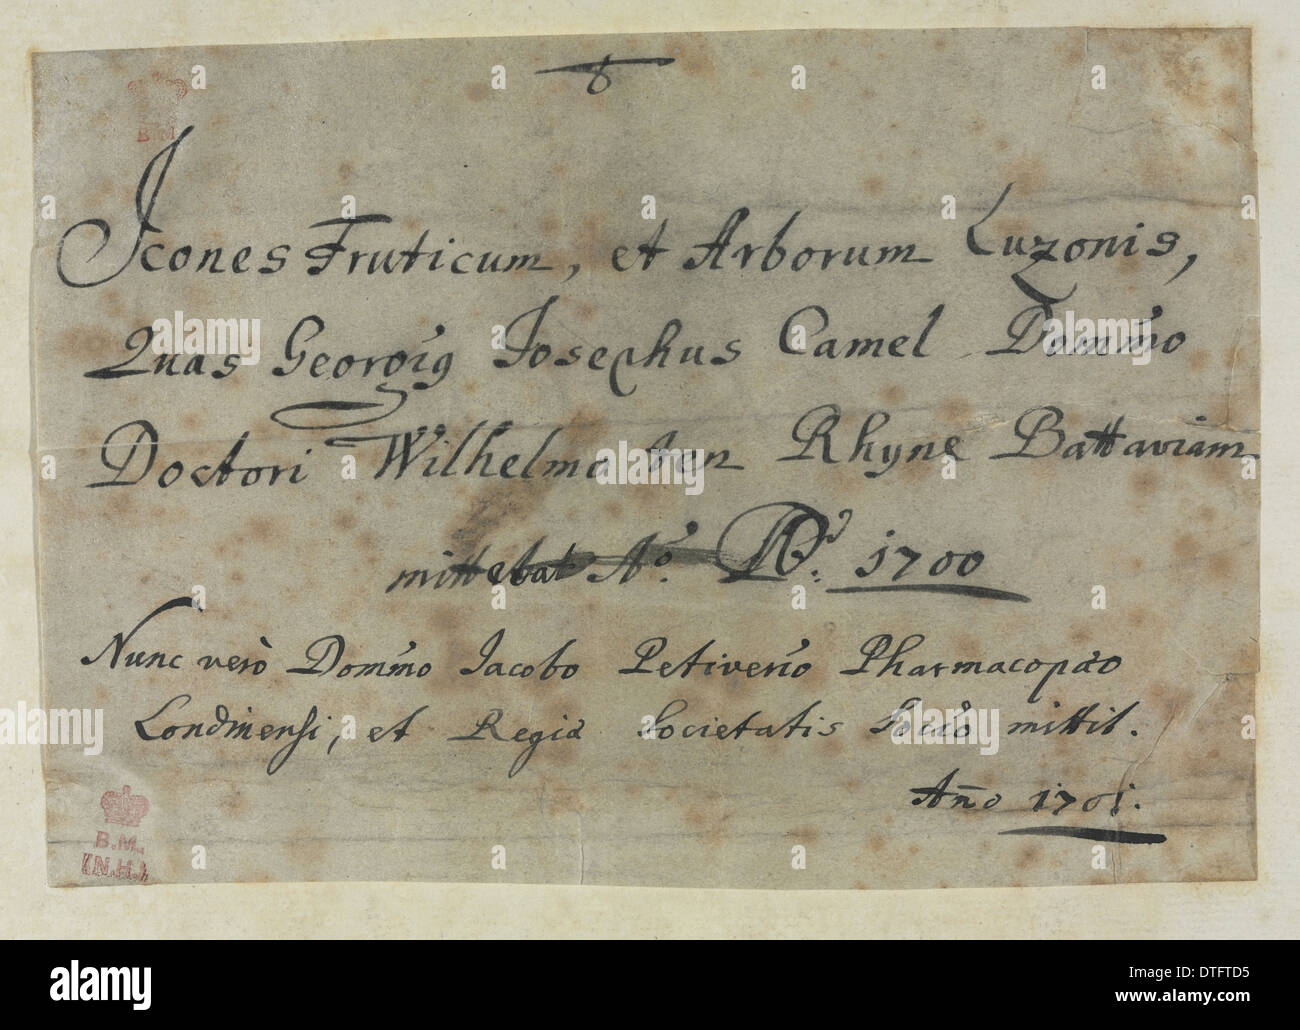 Note from Descriptiones Fruticum et Arborum Luzonis - Stock Image